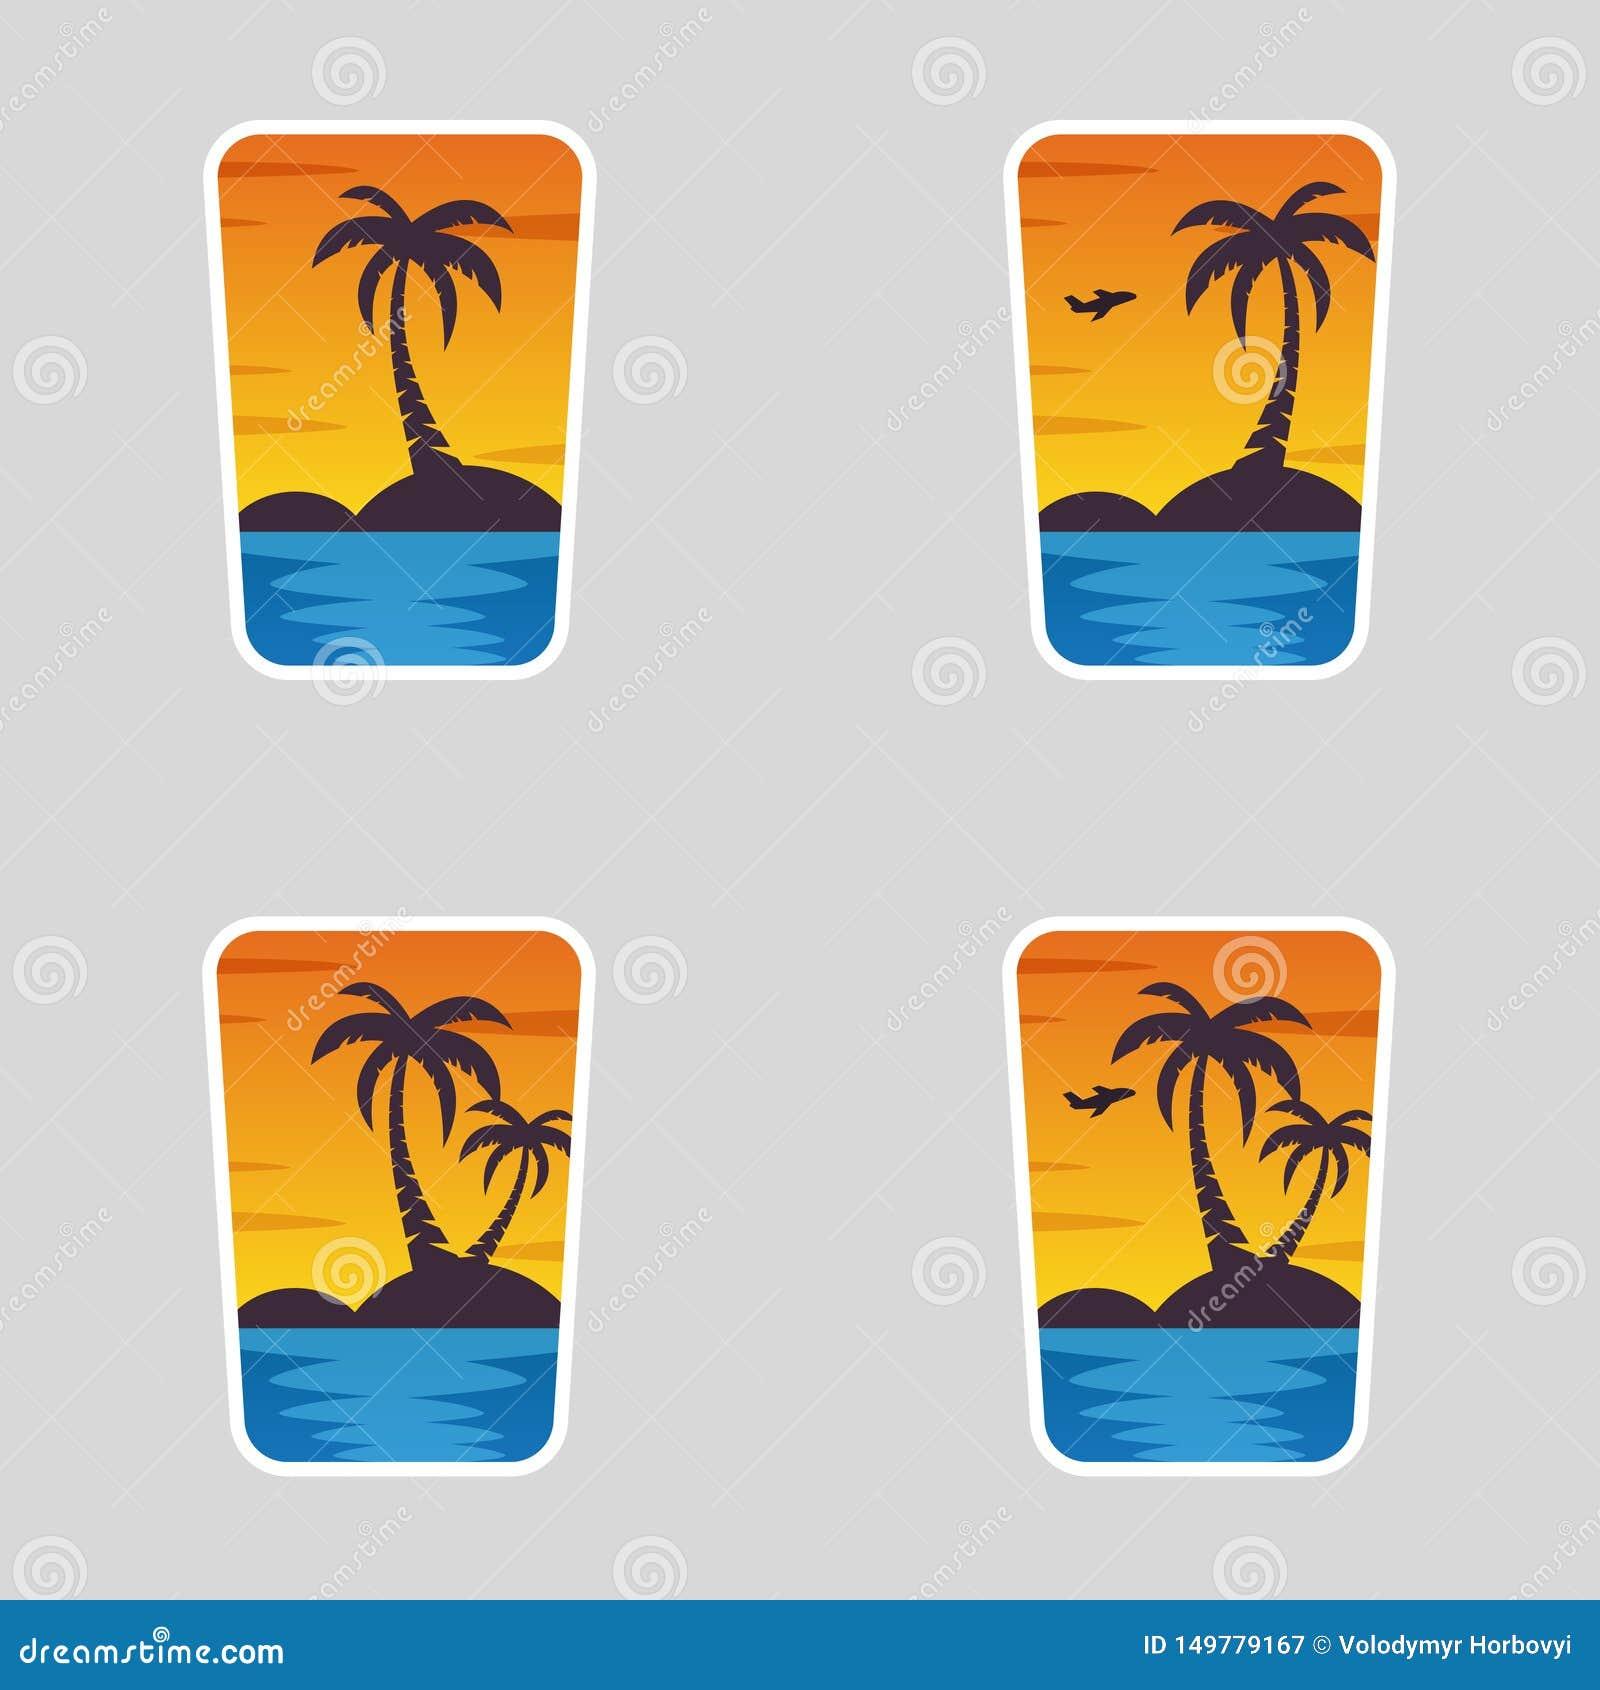 4 nos logotypes 1, verão